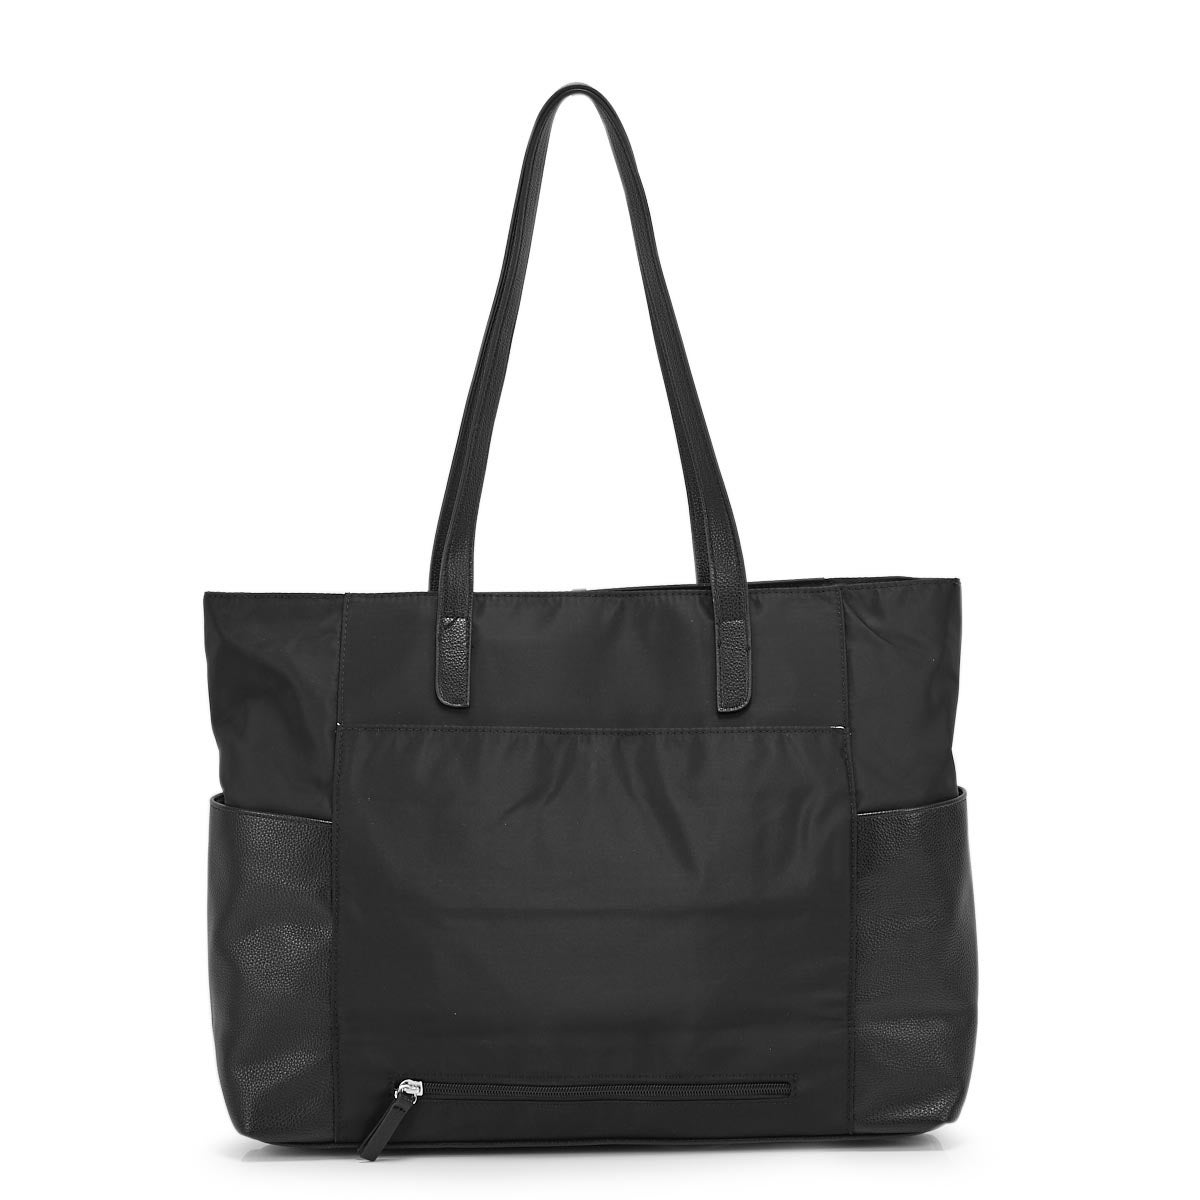 Lds Roots73 black business satchel